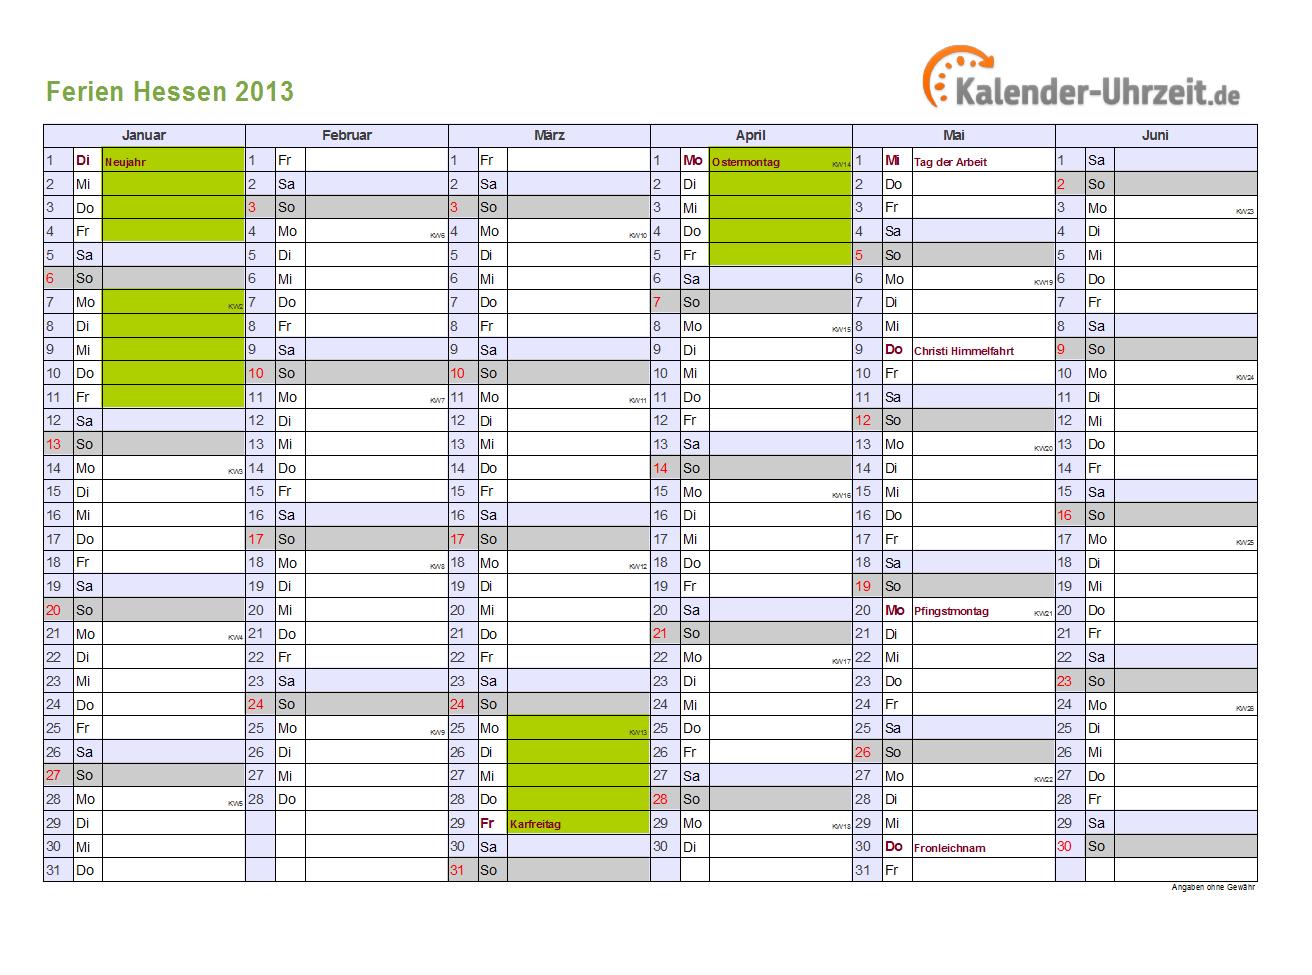 Ferien 2013 hessen halbjahreskalender